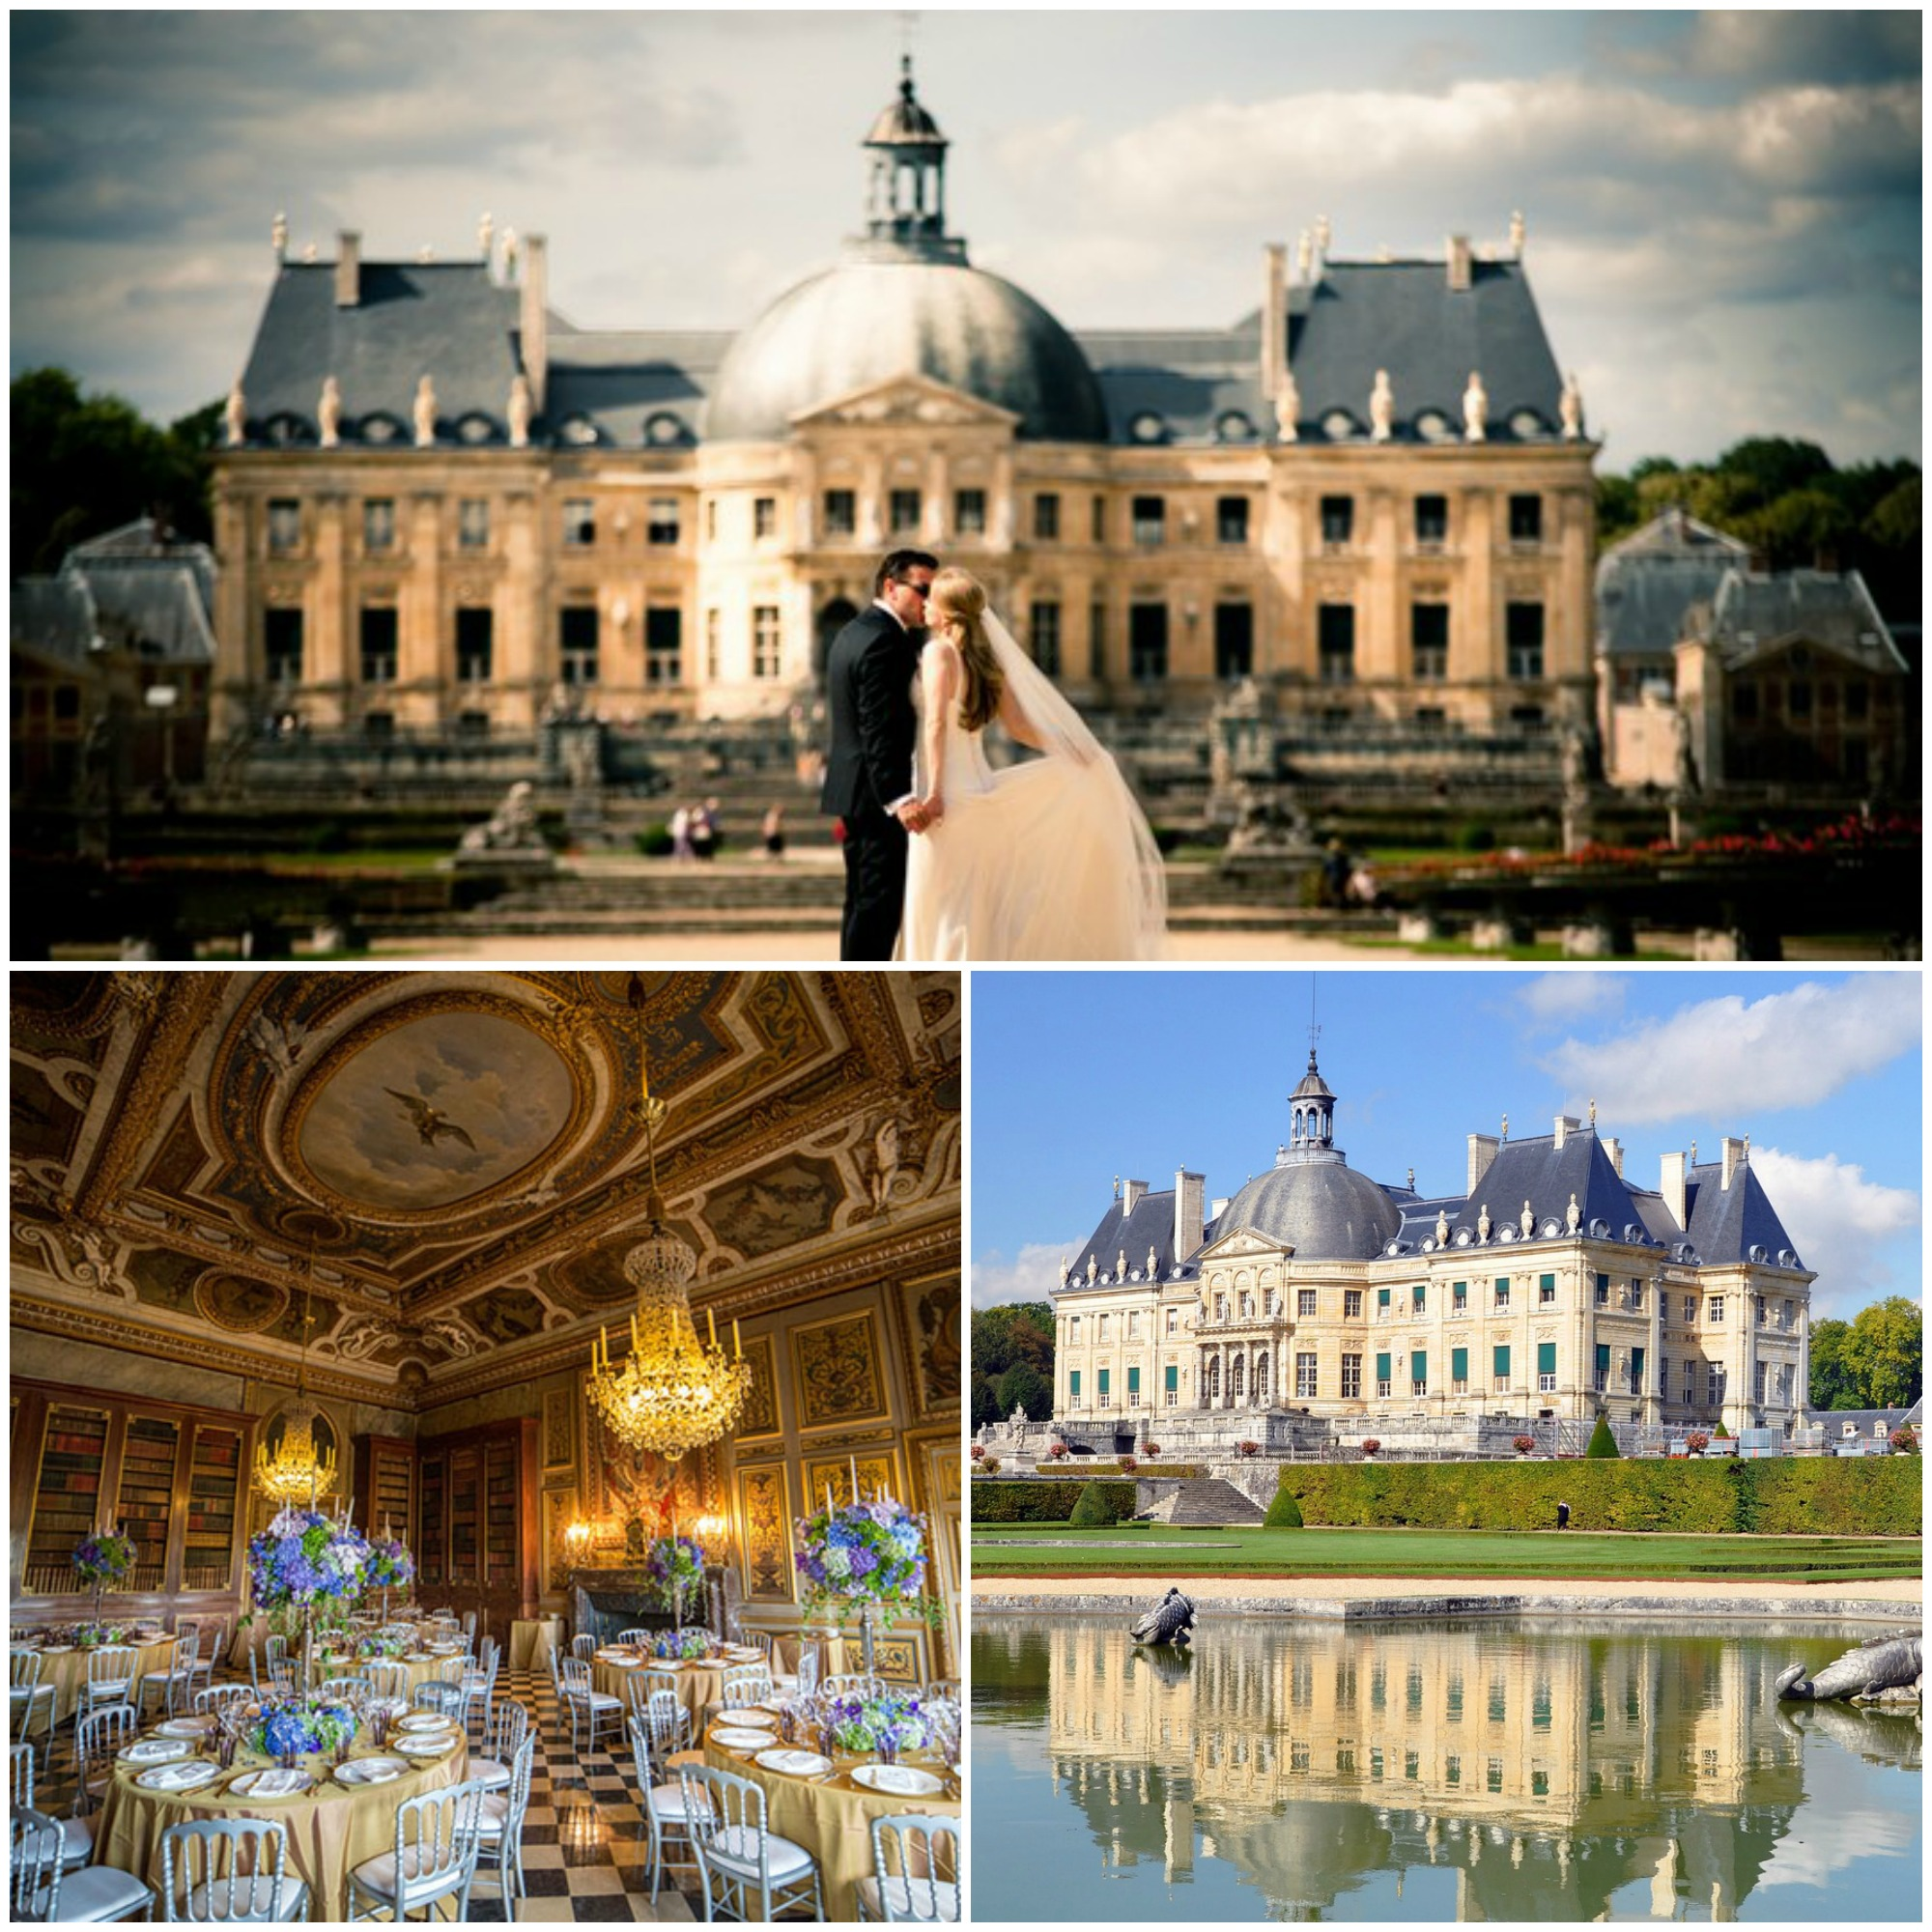 Chateaux Vaux-le-Vicomte - Maincy, França